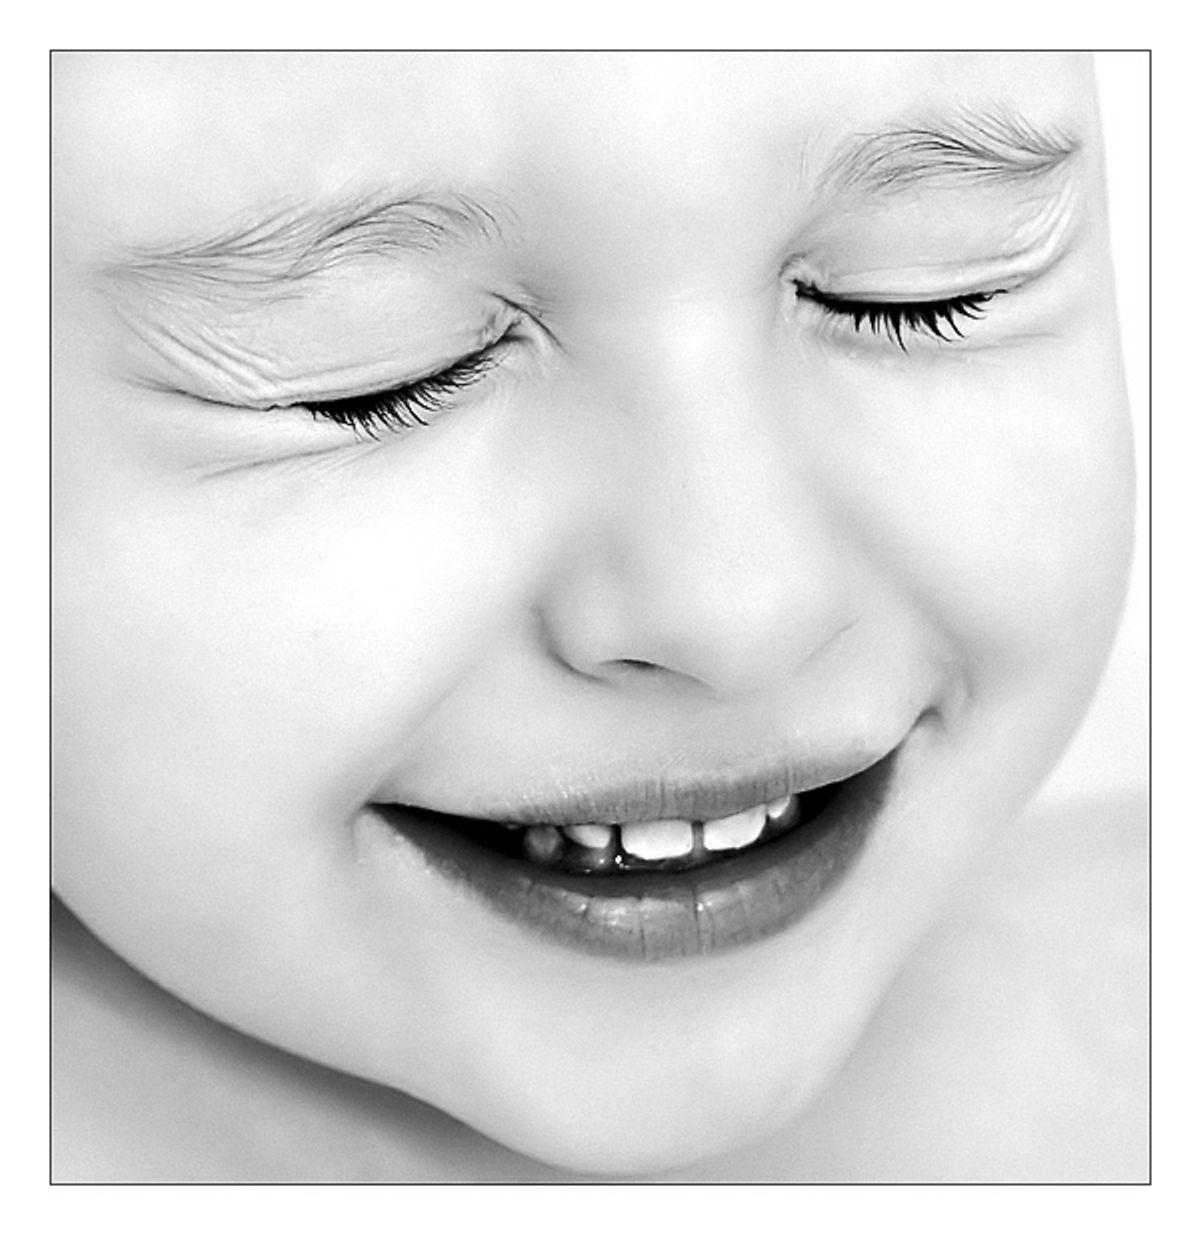 Дети. Работы фотографа Мартина Пола (Martin Paul) (36 фото)